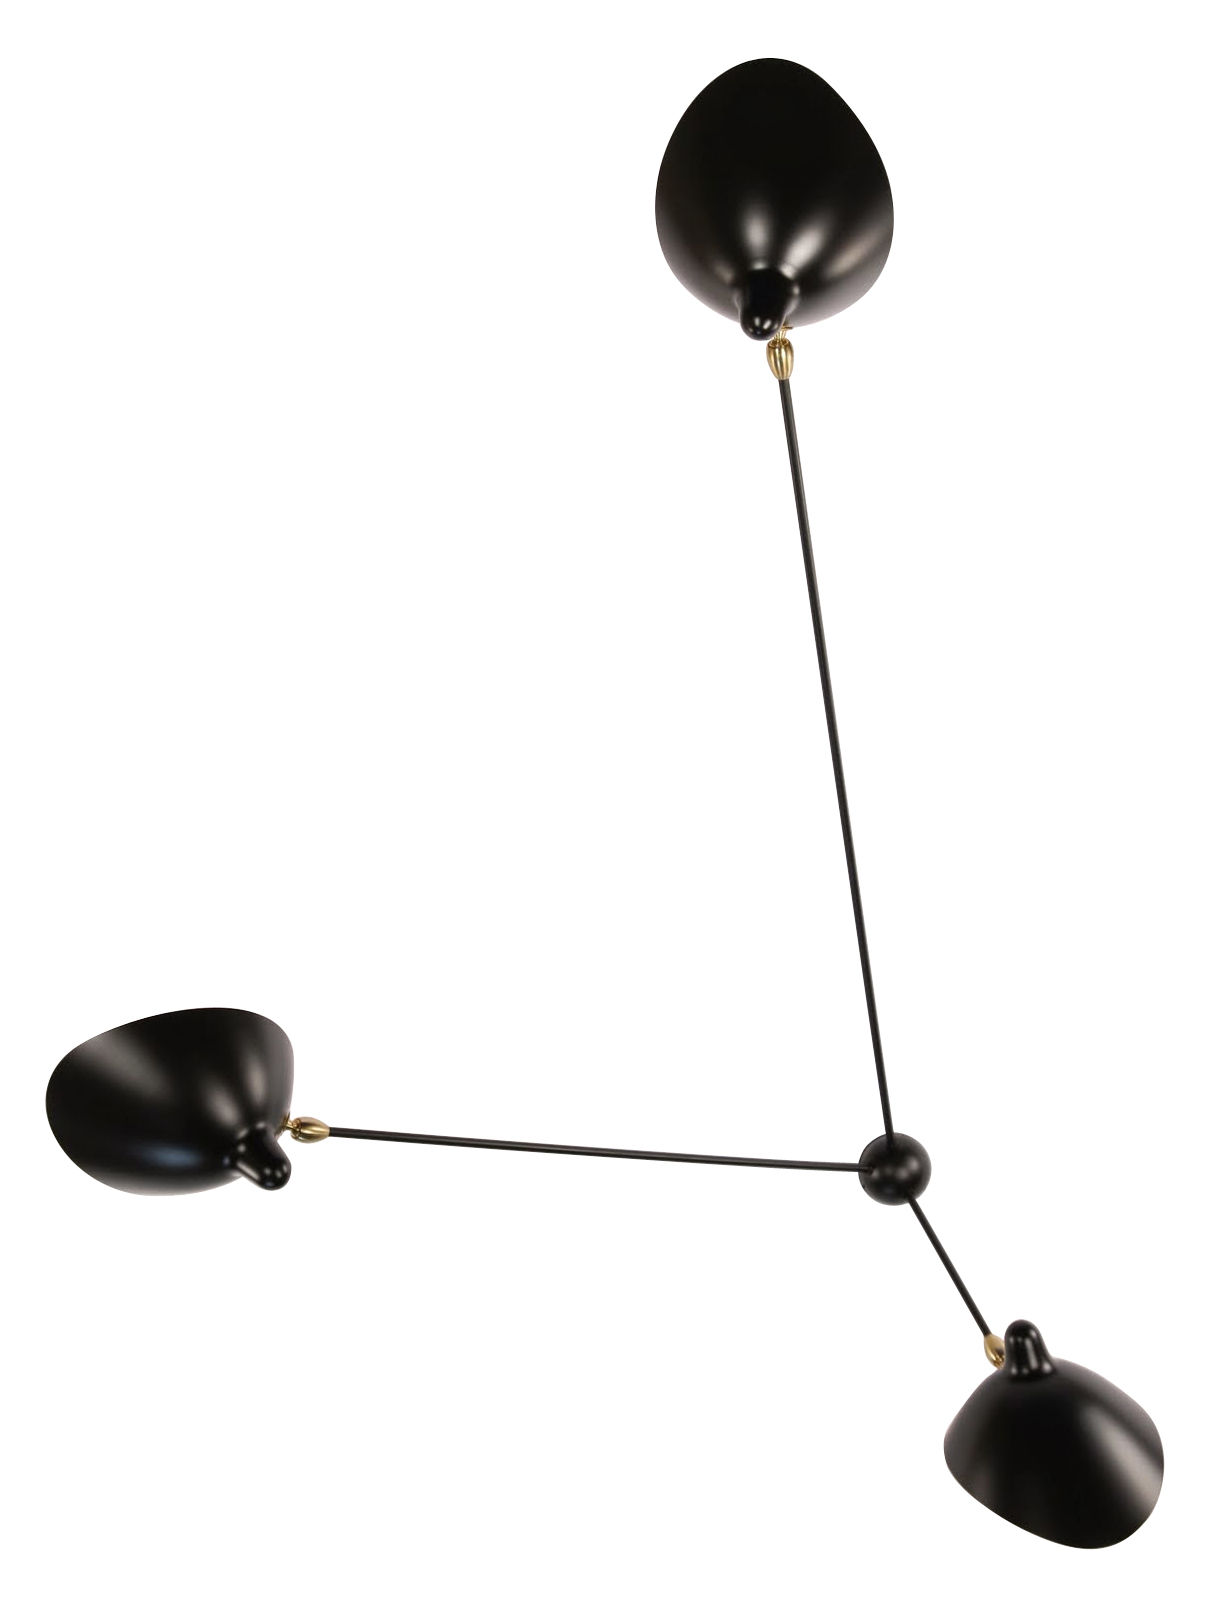 Luminaire - Appliques - Applique Araignée / 3 bras fixes - 1955 - Serge Mouille - Noir - Laiton, Métal laqué